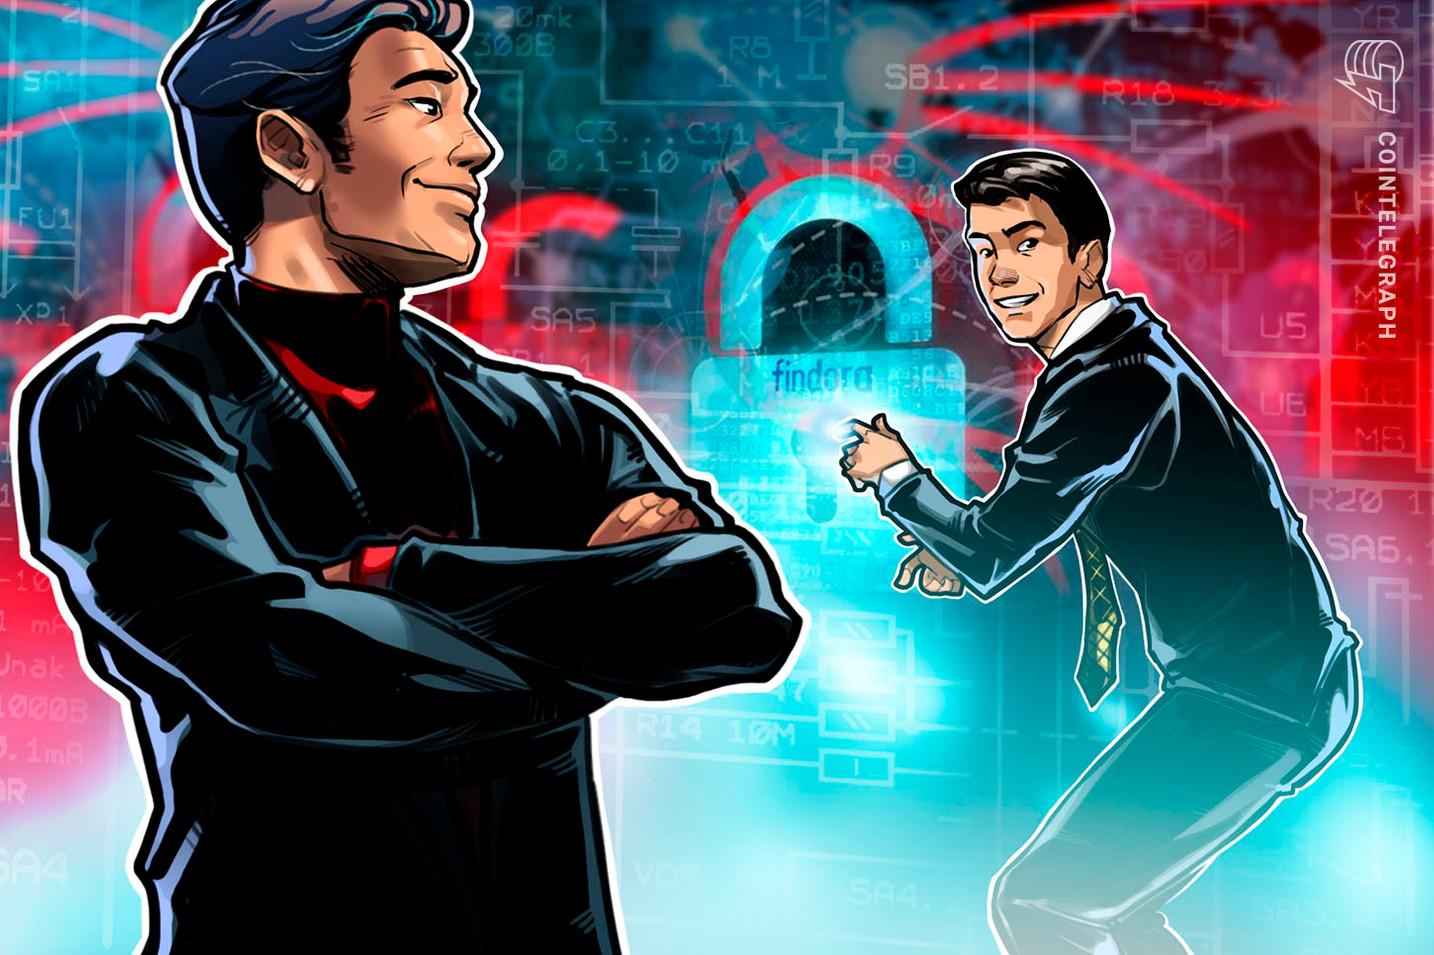 ヘッジファンドを仮想通貨業界に呼び込め 若きスタンフォード暗号研究者が挑むプライバシーの壁【独自記事】